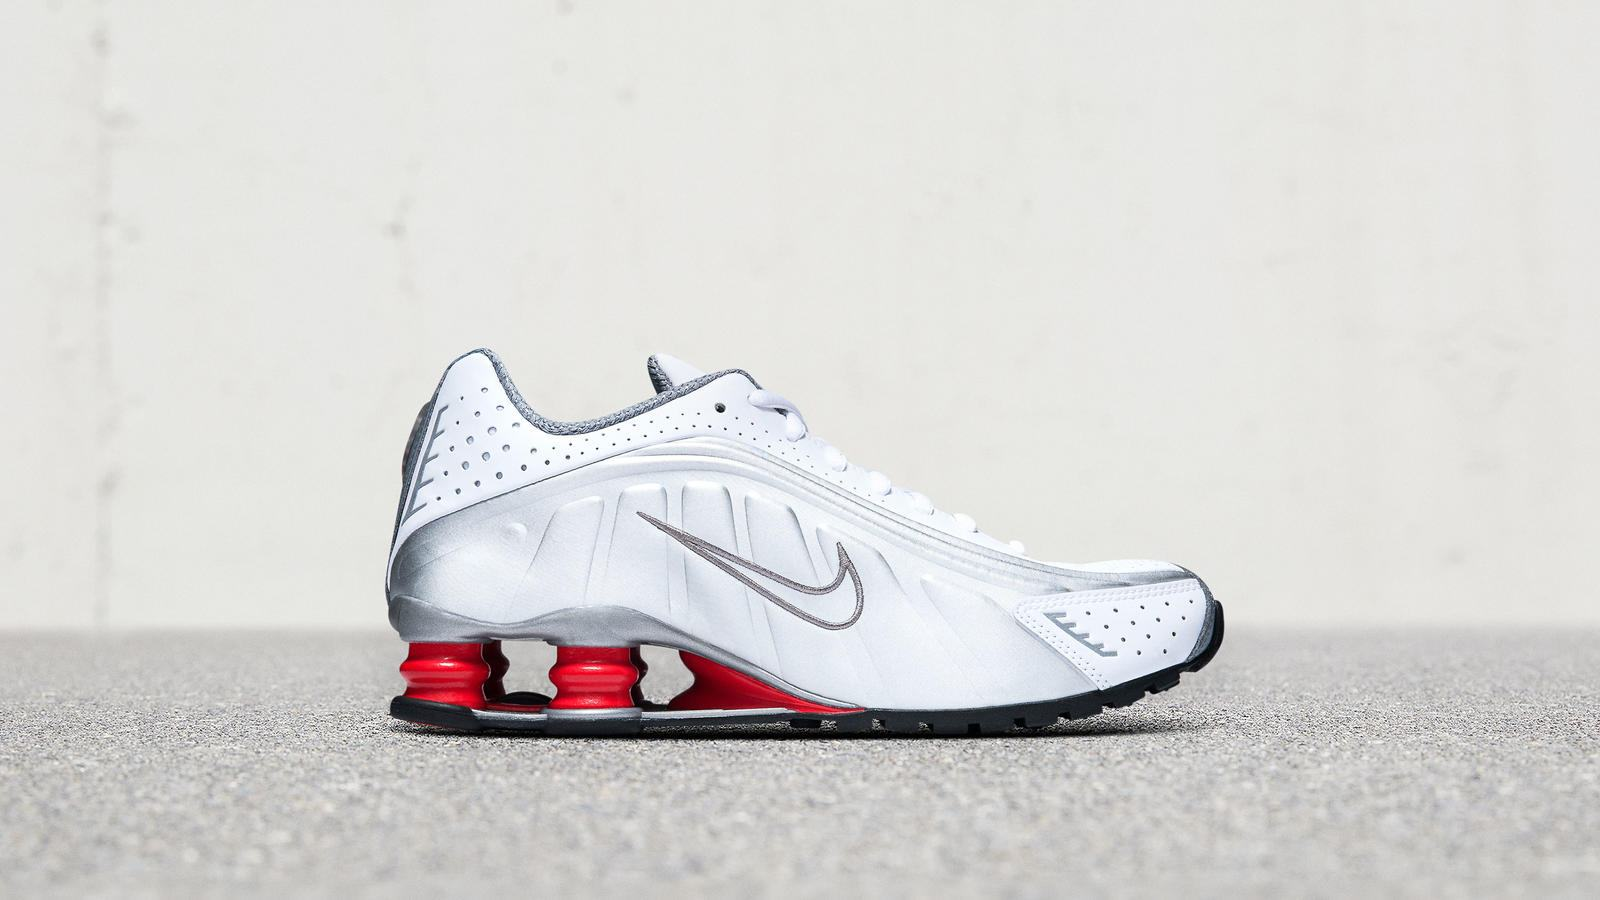 Nowe zdjęcia przybywa sprzedaje Návrat Nike Shox: Nike Shox R4 | topobuv.sk